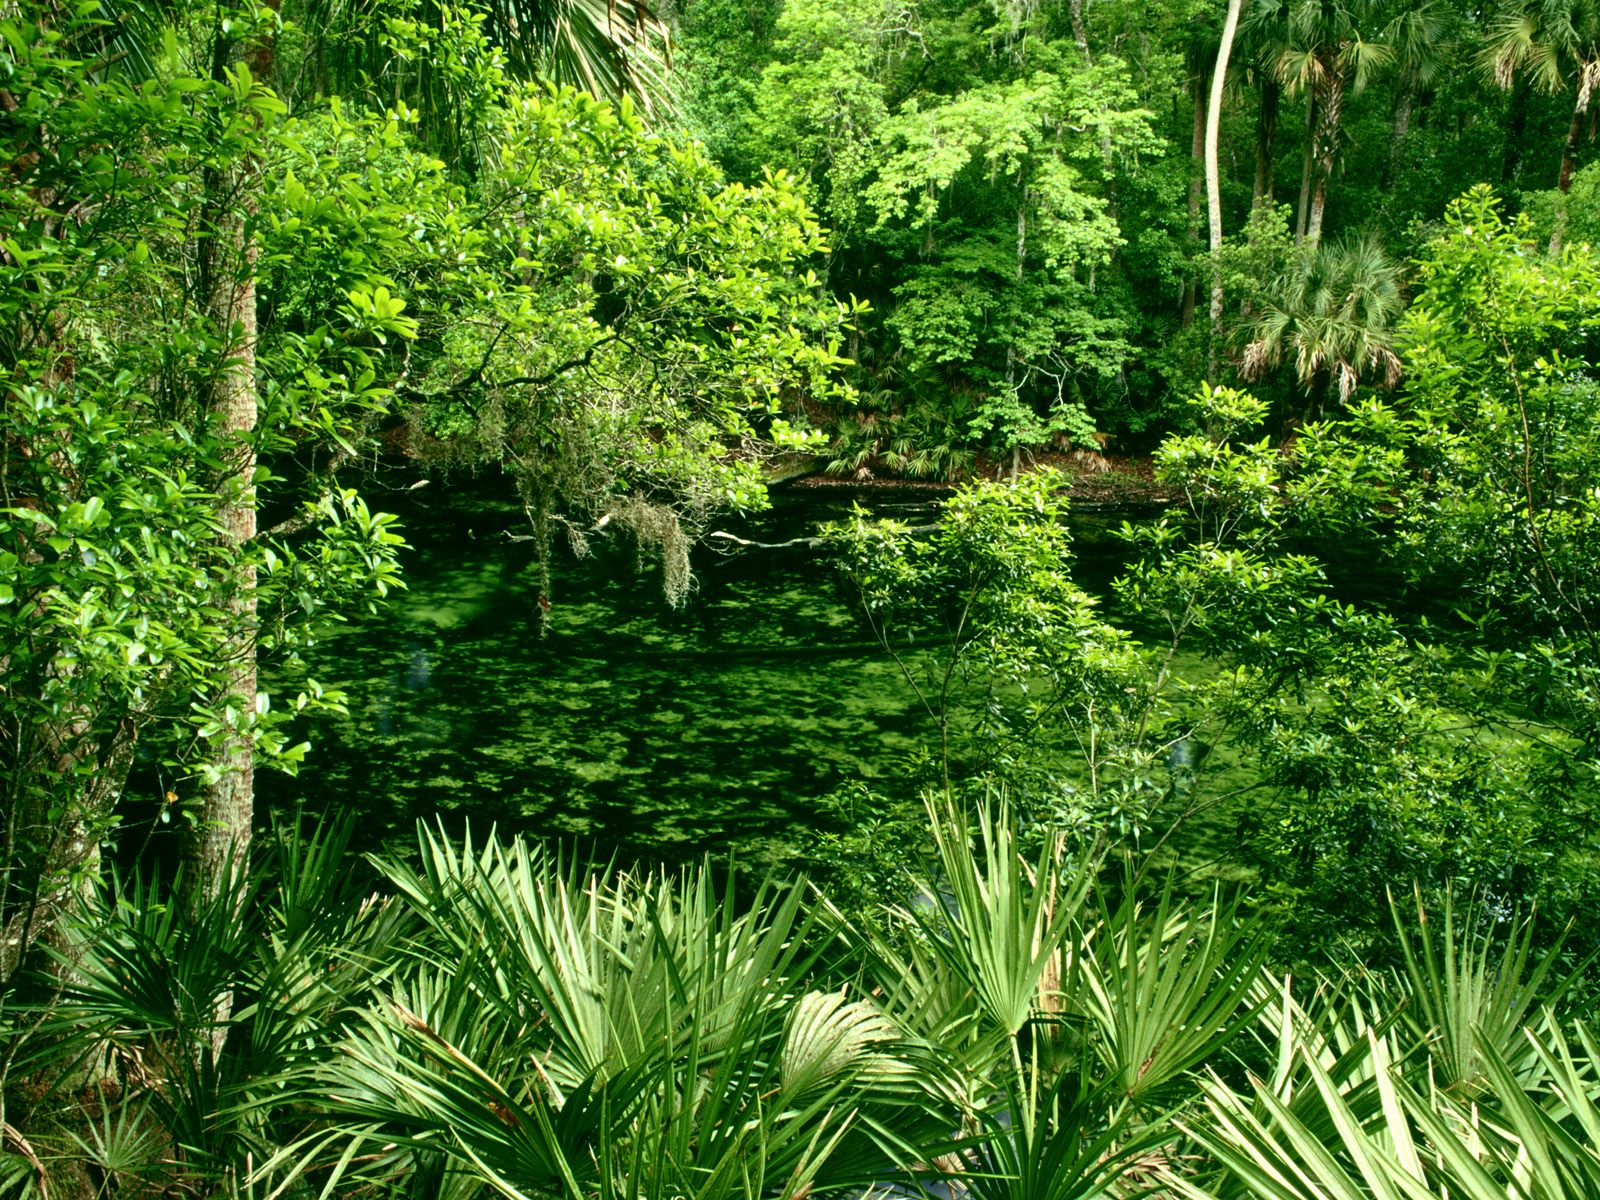 лес, обои, зеленые кусты, трава и деревья